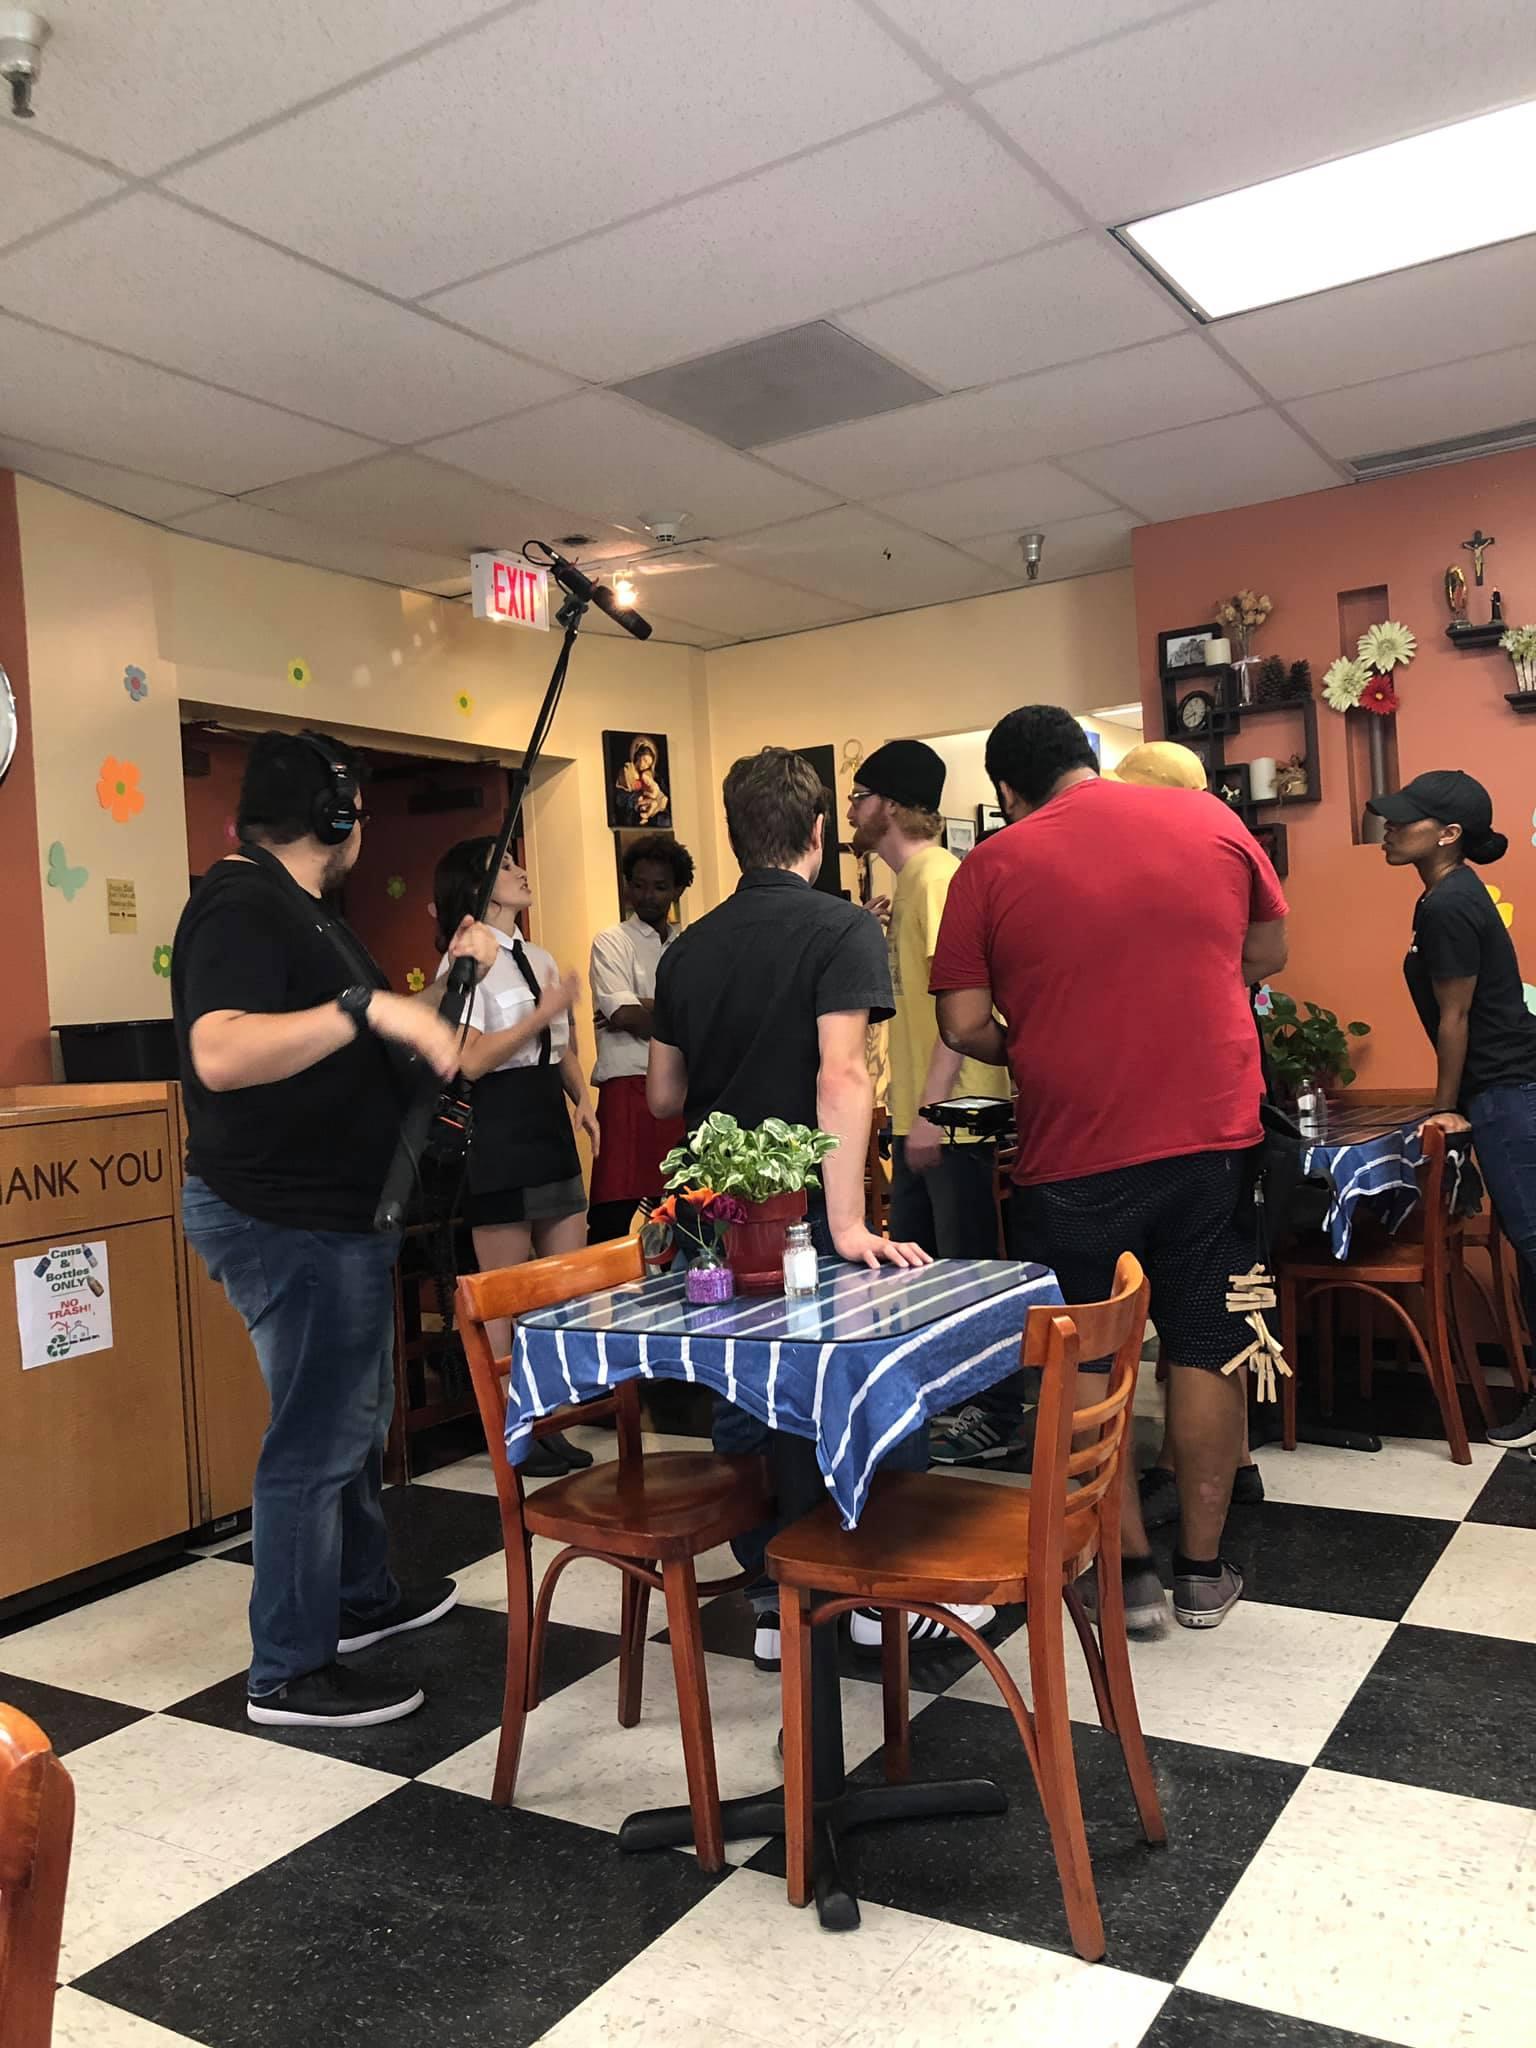 Behind the scenes between takes.